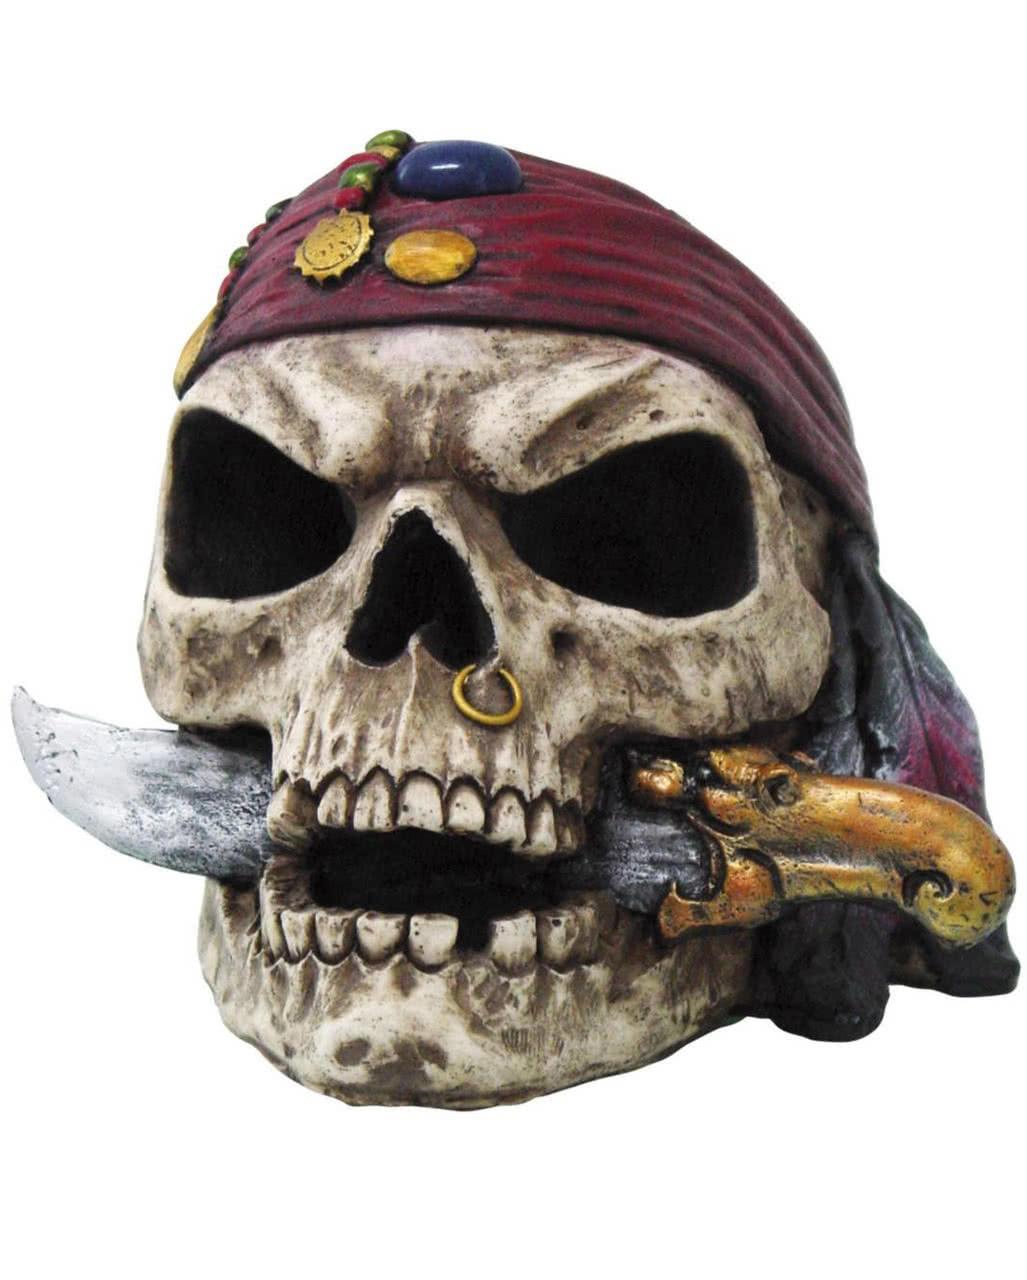 Piraten-Totenkopf mit Dolch als Gothic Deko | Horror-Shop.com